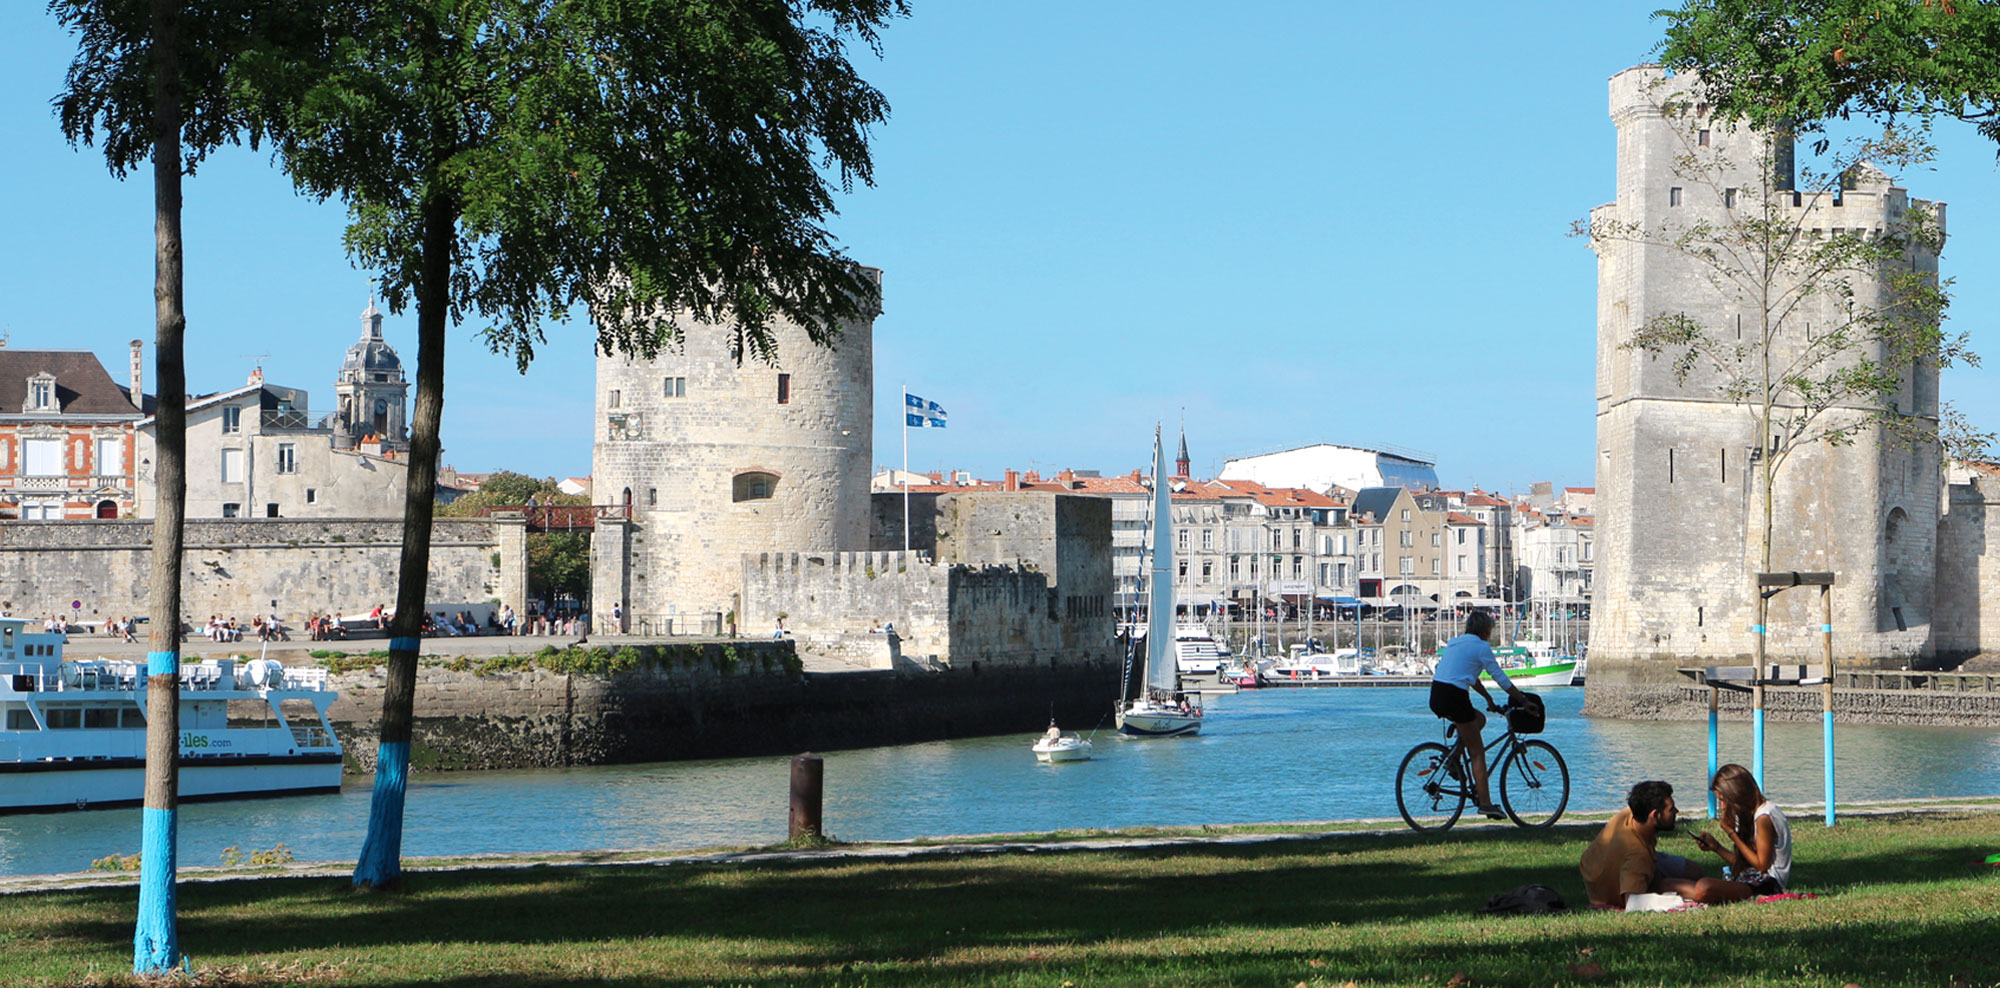 Calendrier Des Marees La Rochelle 2020.Port De Plaisance Marees